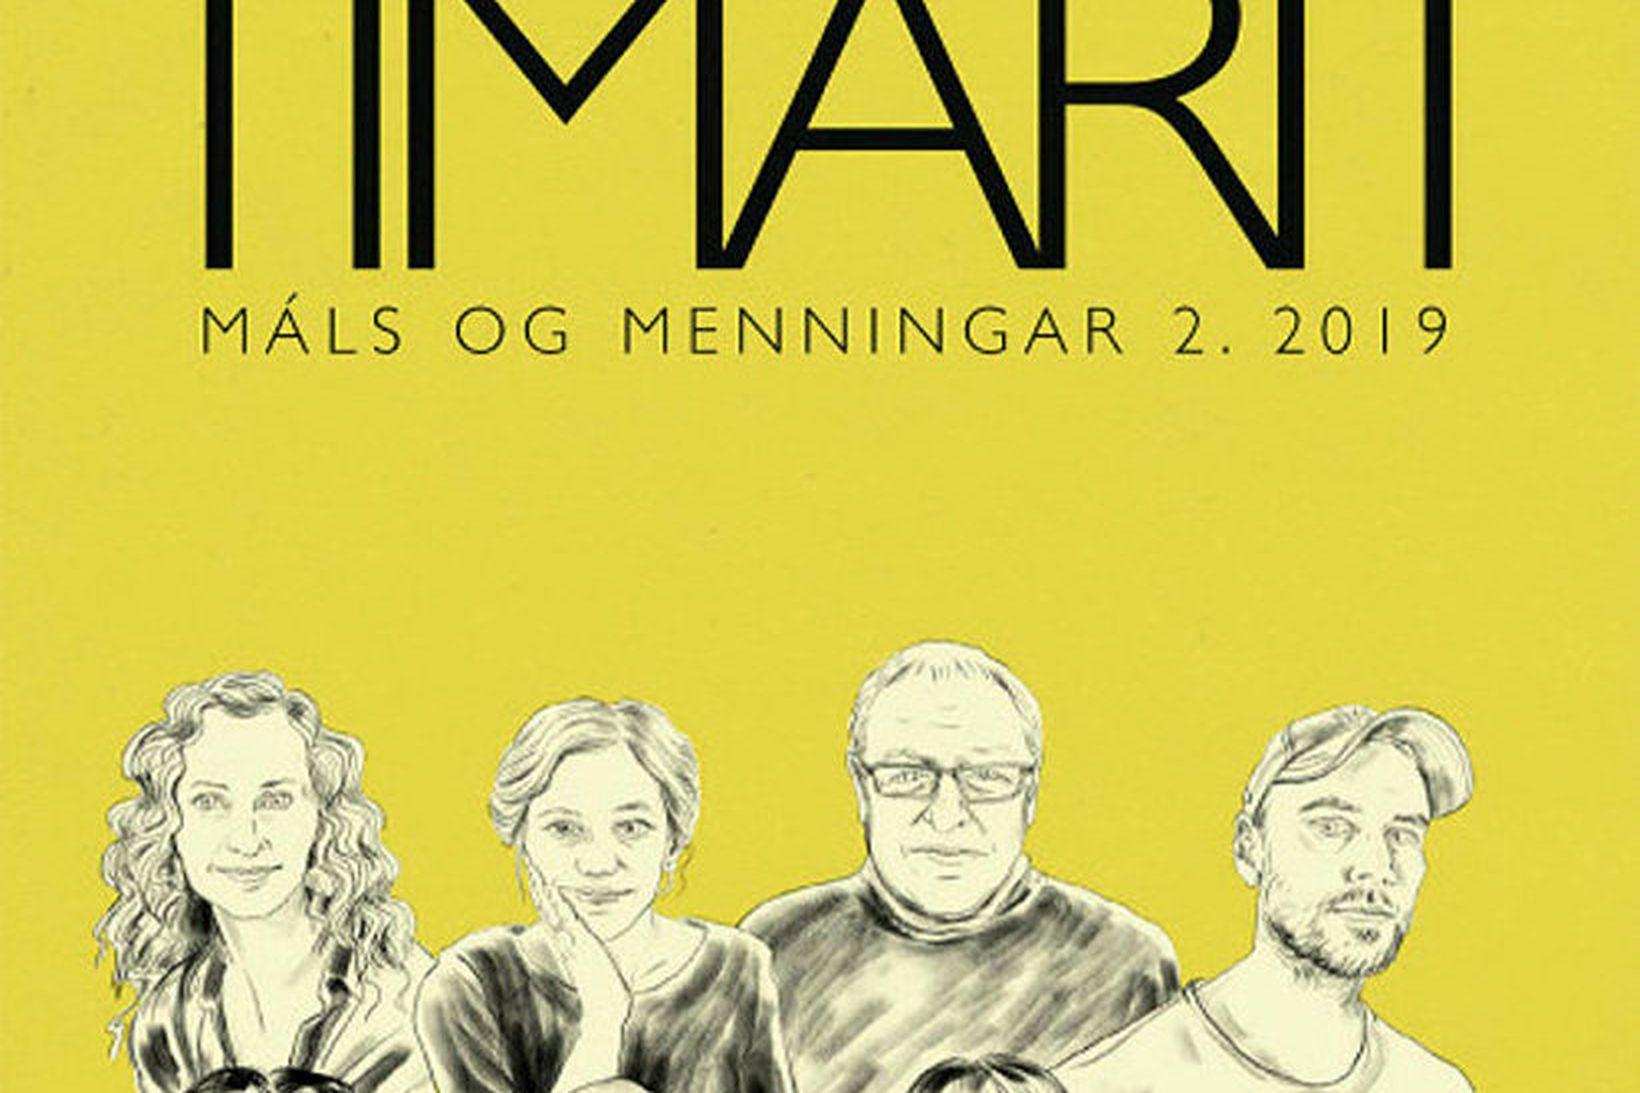 Síðasta tölublað TMM fjallaði um bókmenntahátíðina í Reykjavík á dögunum.